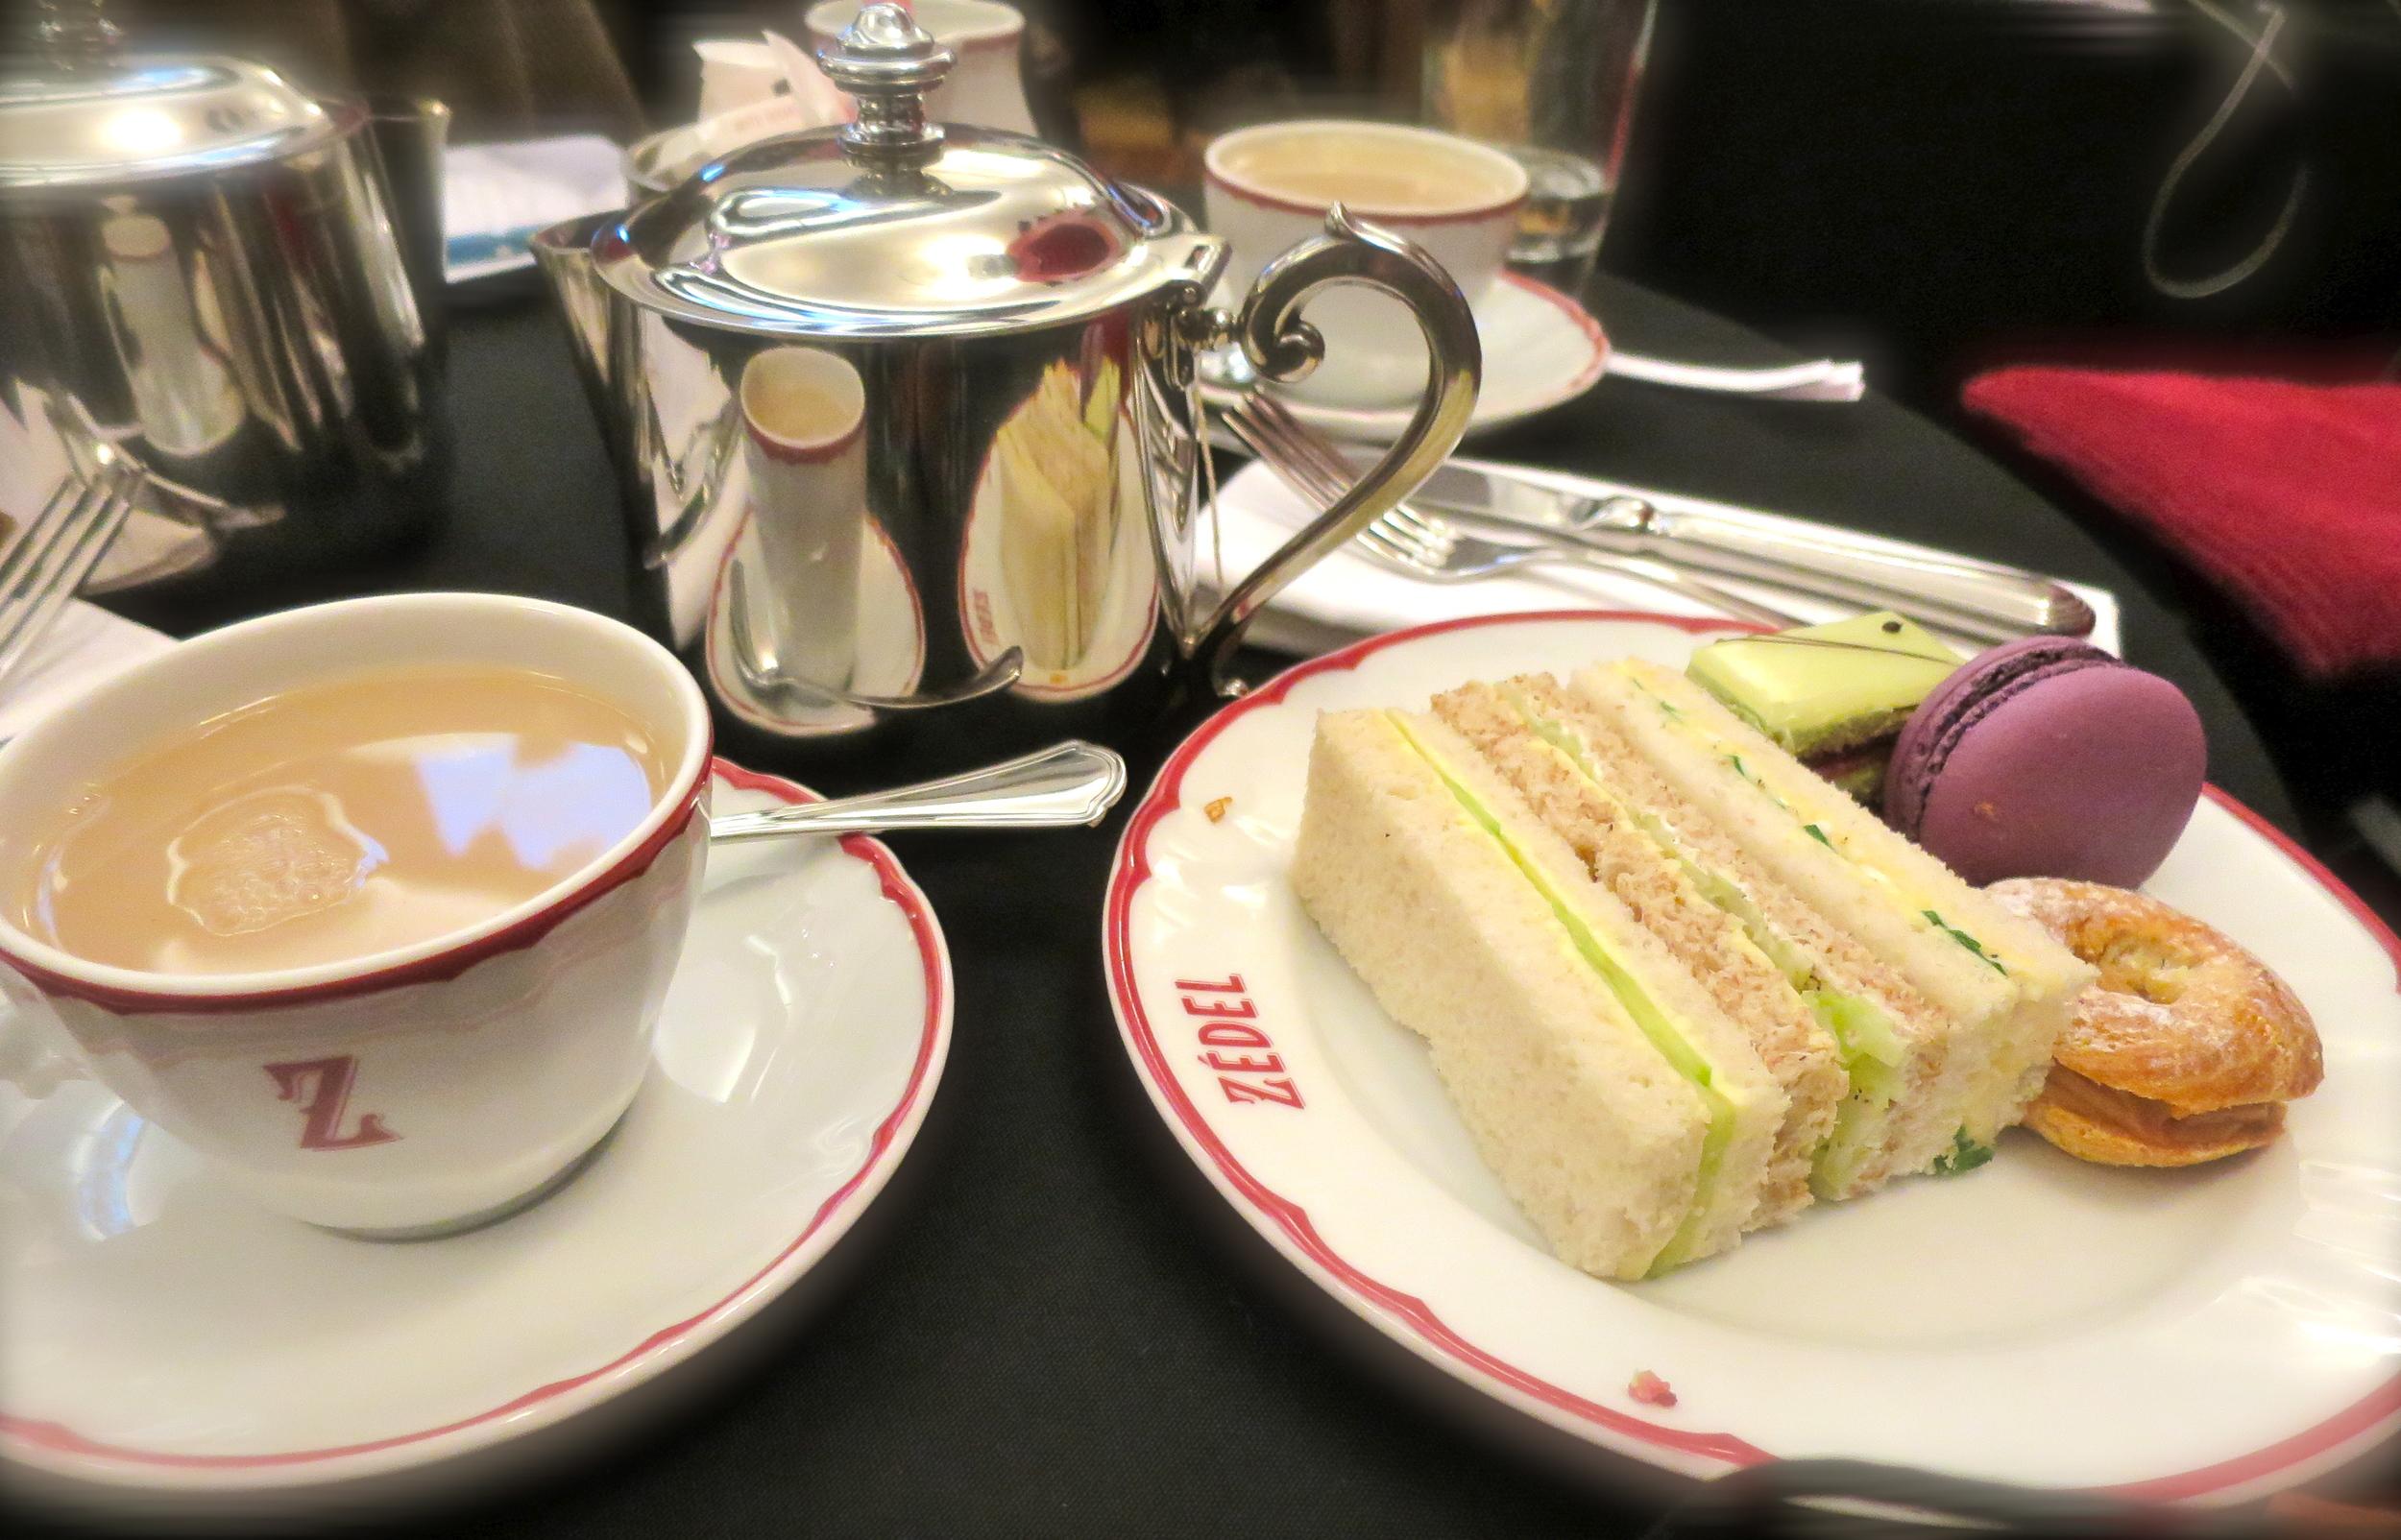 Delicious afternoon tea.